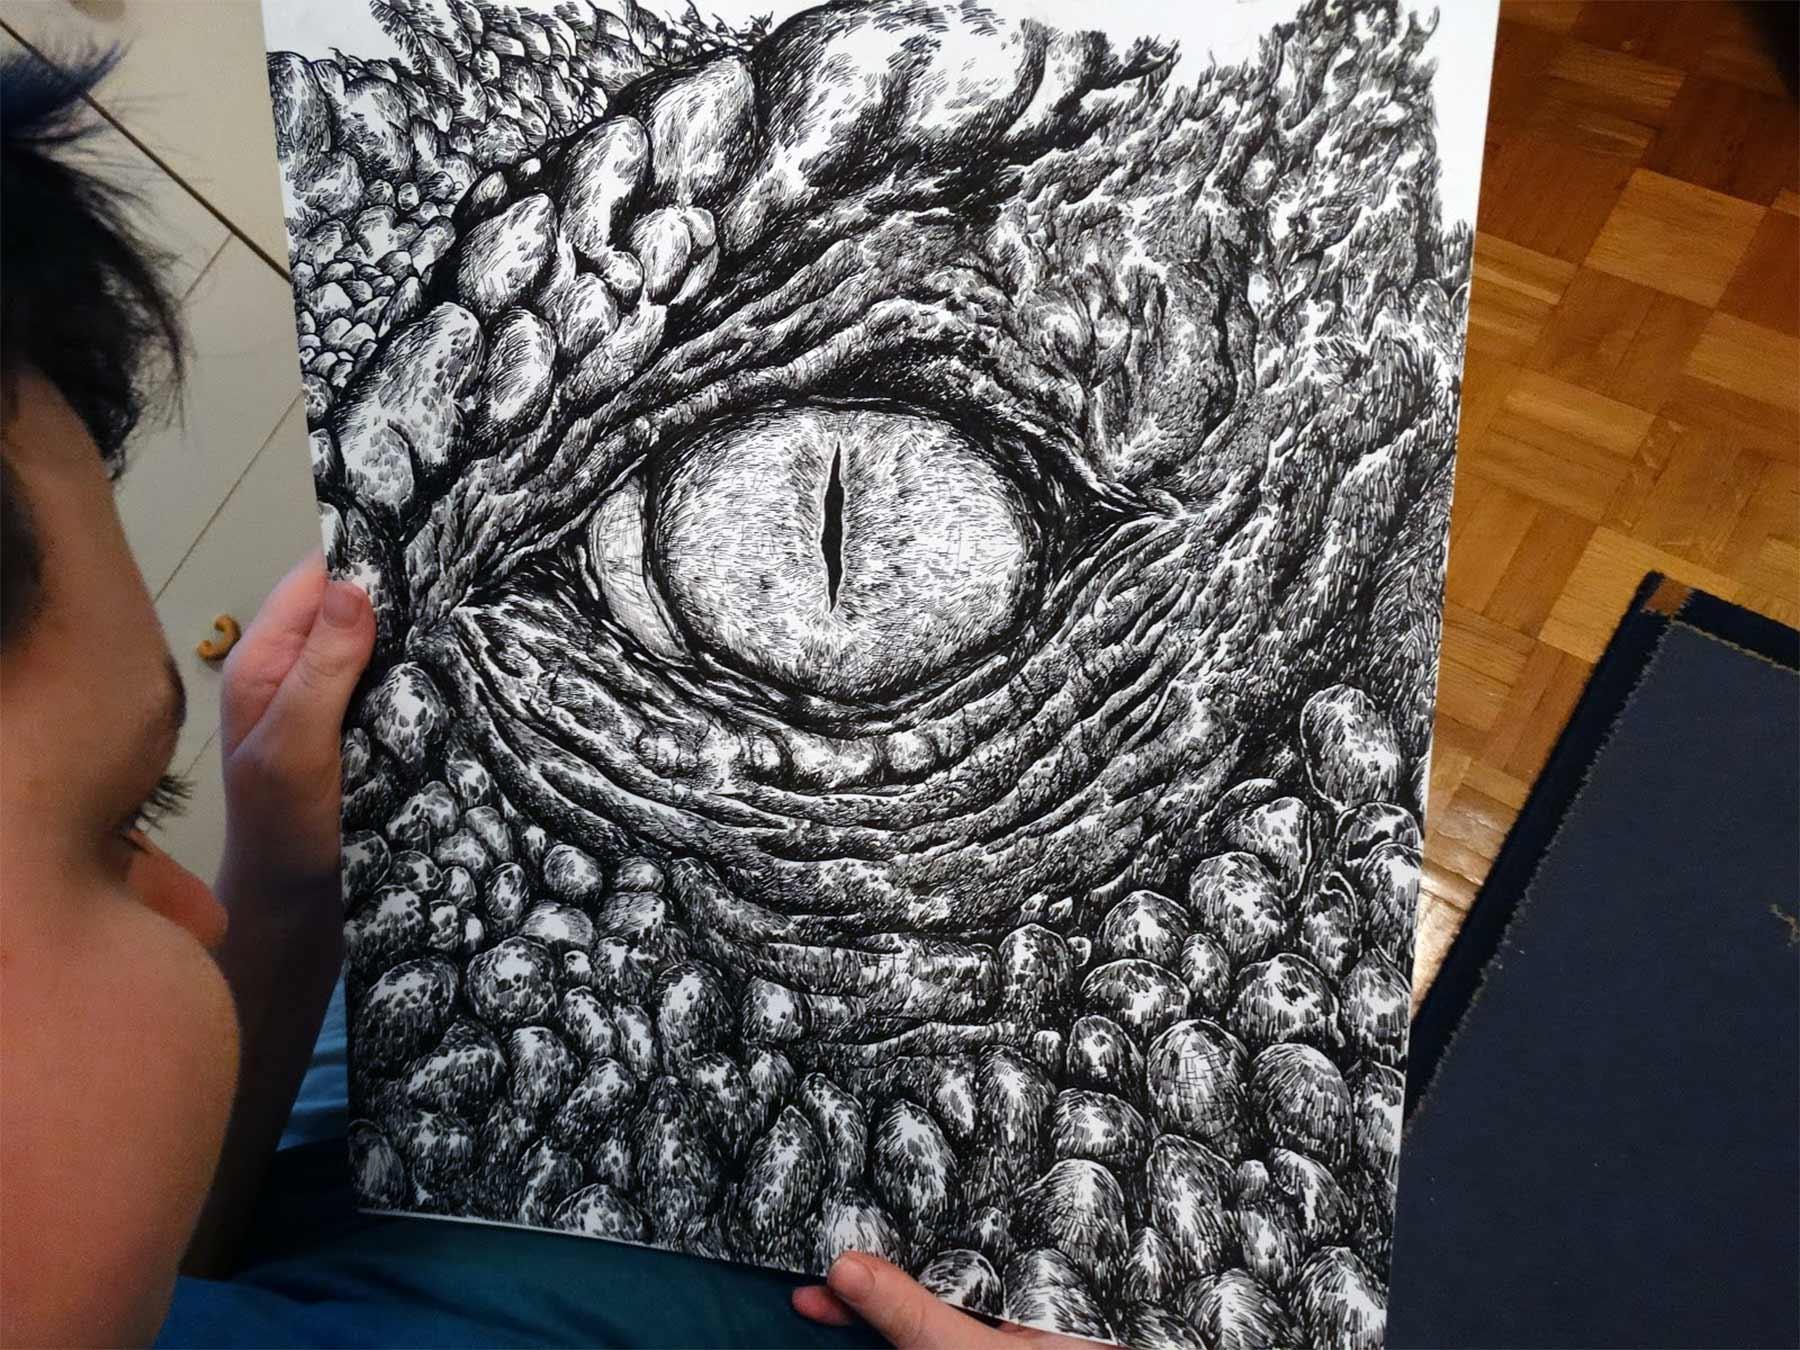 Die genialen Zeichnungen des 15-jährigen Dušan Krtolica Dusan-Krtolica-zeichnungen-2018_02